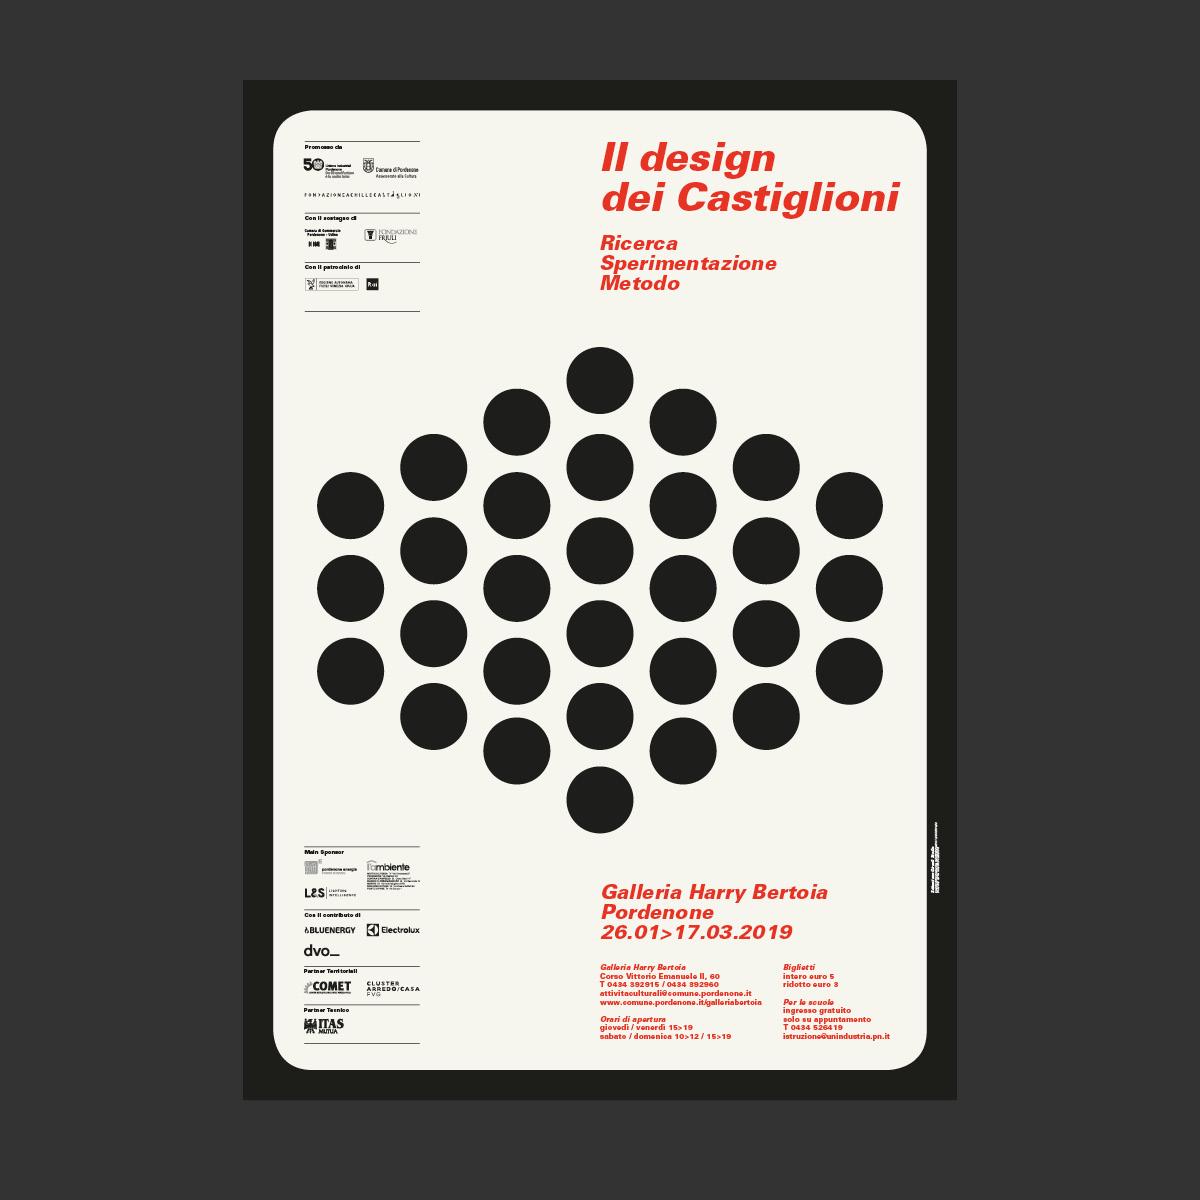 Il-design-dei-CastiglioniRicerca-Sperimentazione-Metodo-001